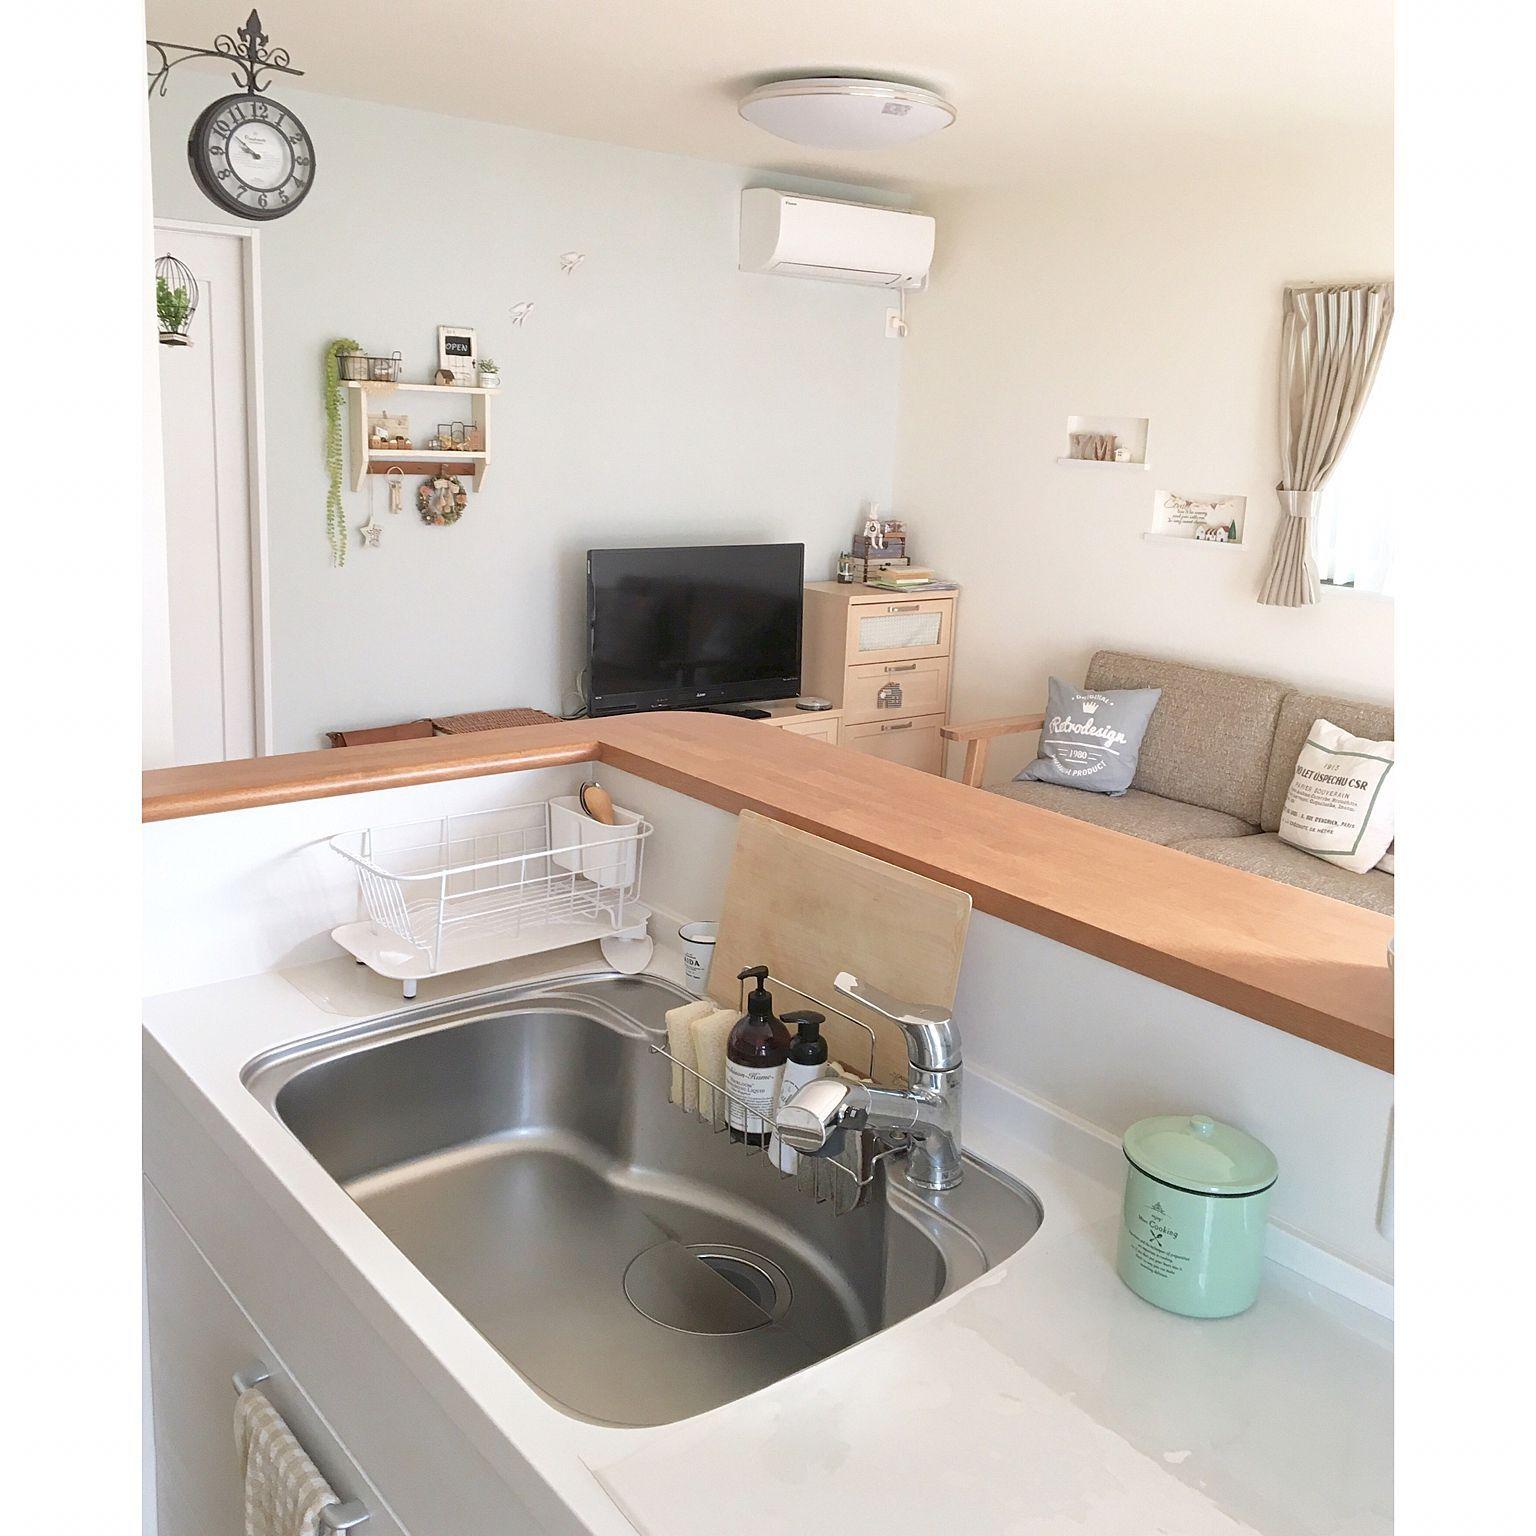 キッチン 対面キッチン 両面時計 目隠し 木のまな板 などの